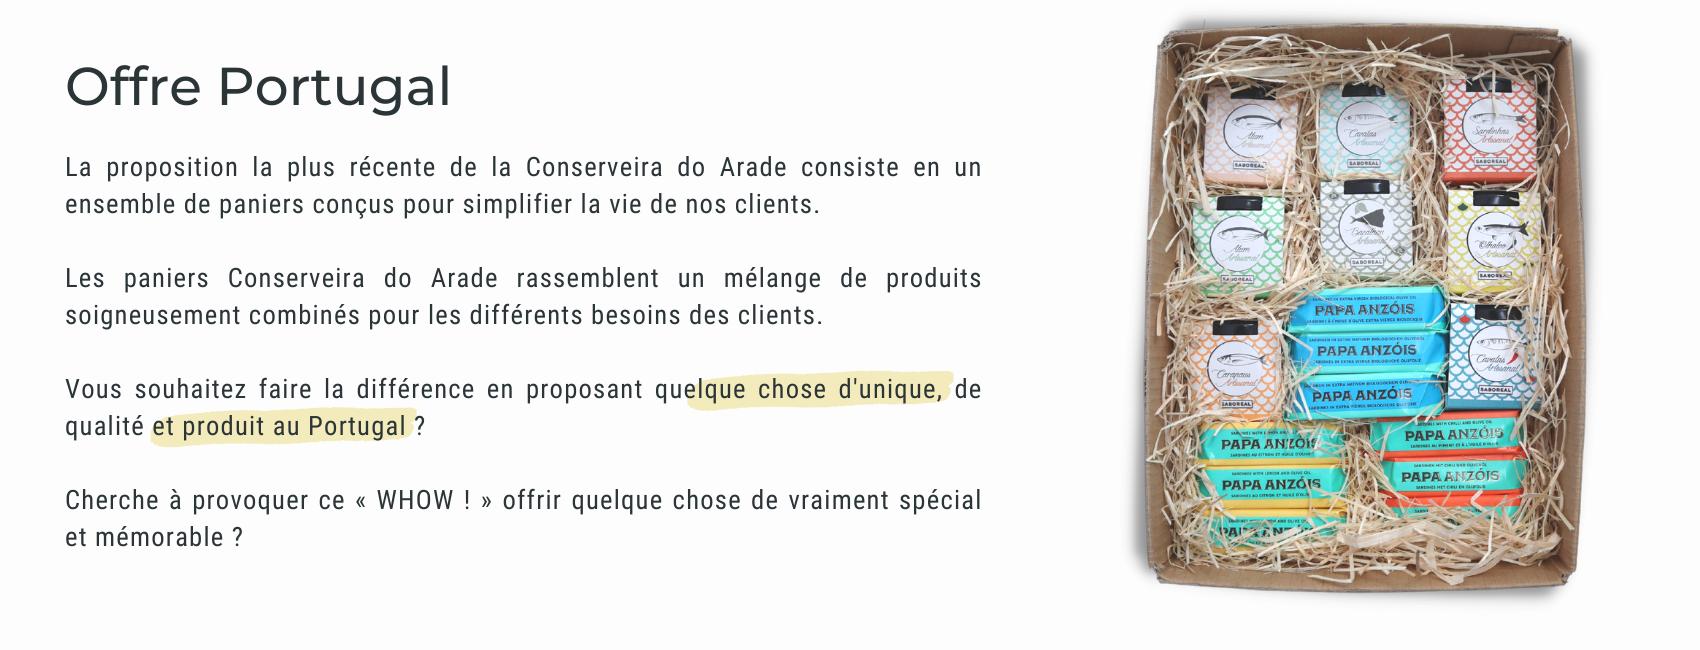 La proposition la plus récente de la Conserveira do Arade consiste en un ensemble de paniers conçus pour simplifier la vie de nos clients.  Les paniers Conserveira do Arade rassemblent un mélange de produits soigneusement combinés pour les différents besoins des clients.  Vous souhaitez faire la différence en proposant quelque chose d'unique, de qualité et produit au Portugal ?  Cherche à provoquer ce « WHOW ! » offrir quelque chose de vraiment spécial et mémorable ?